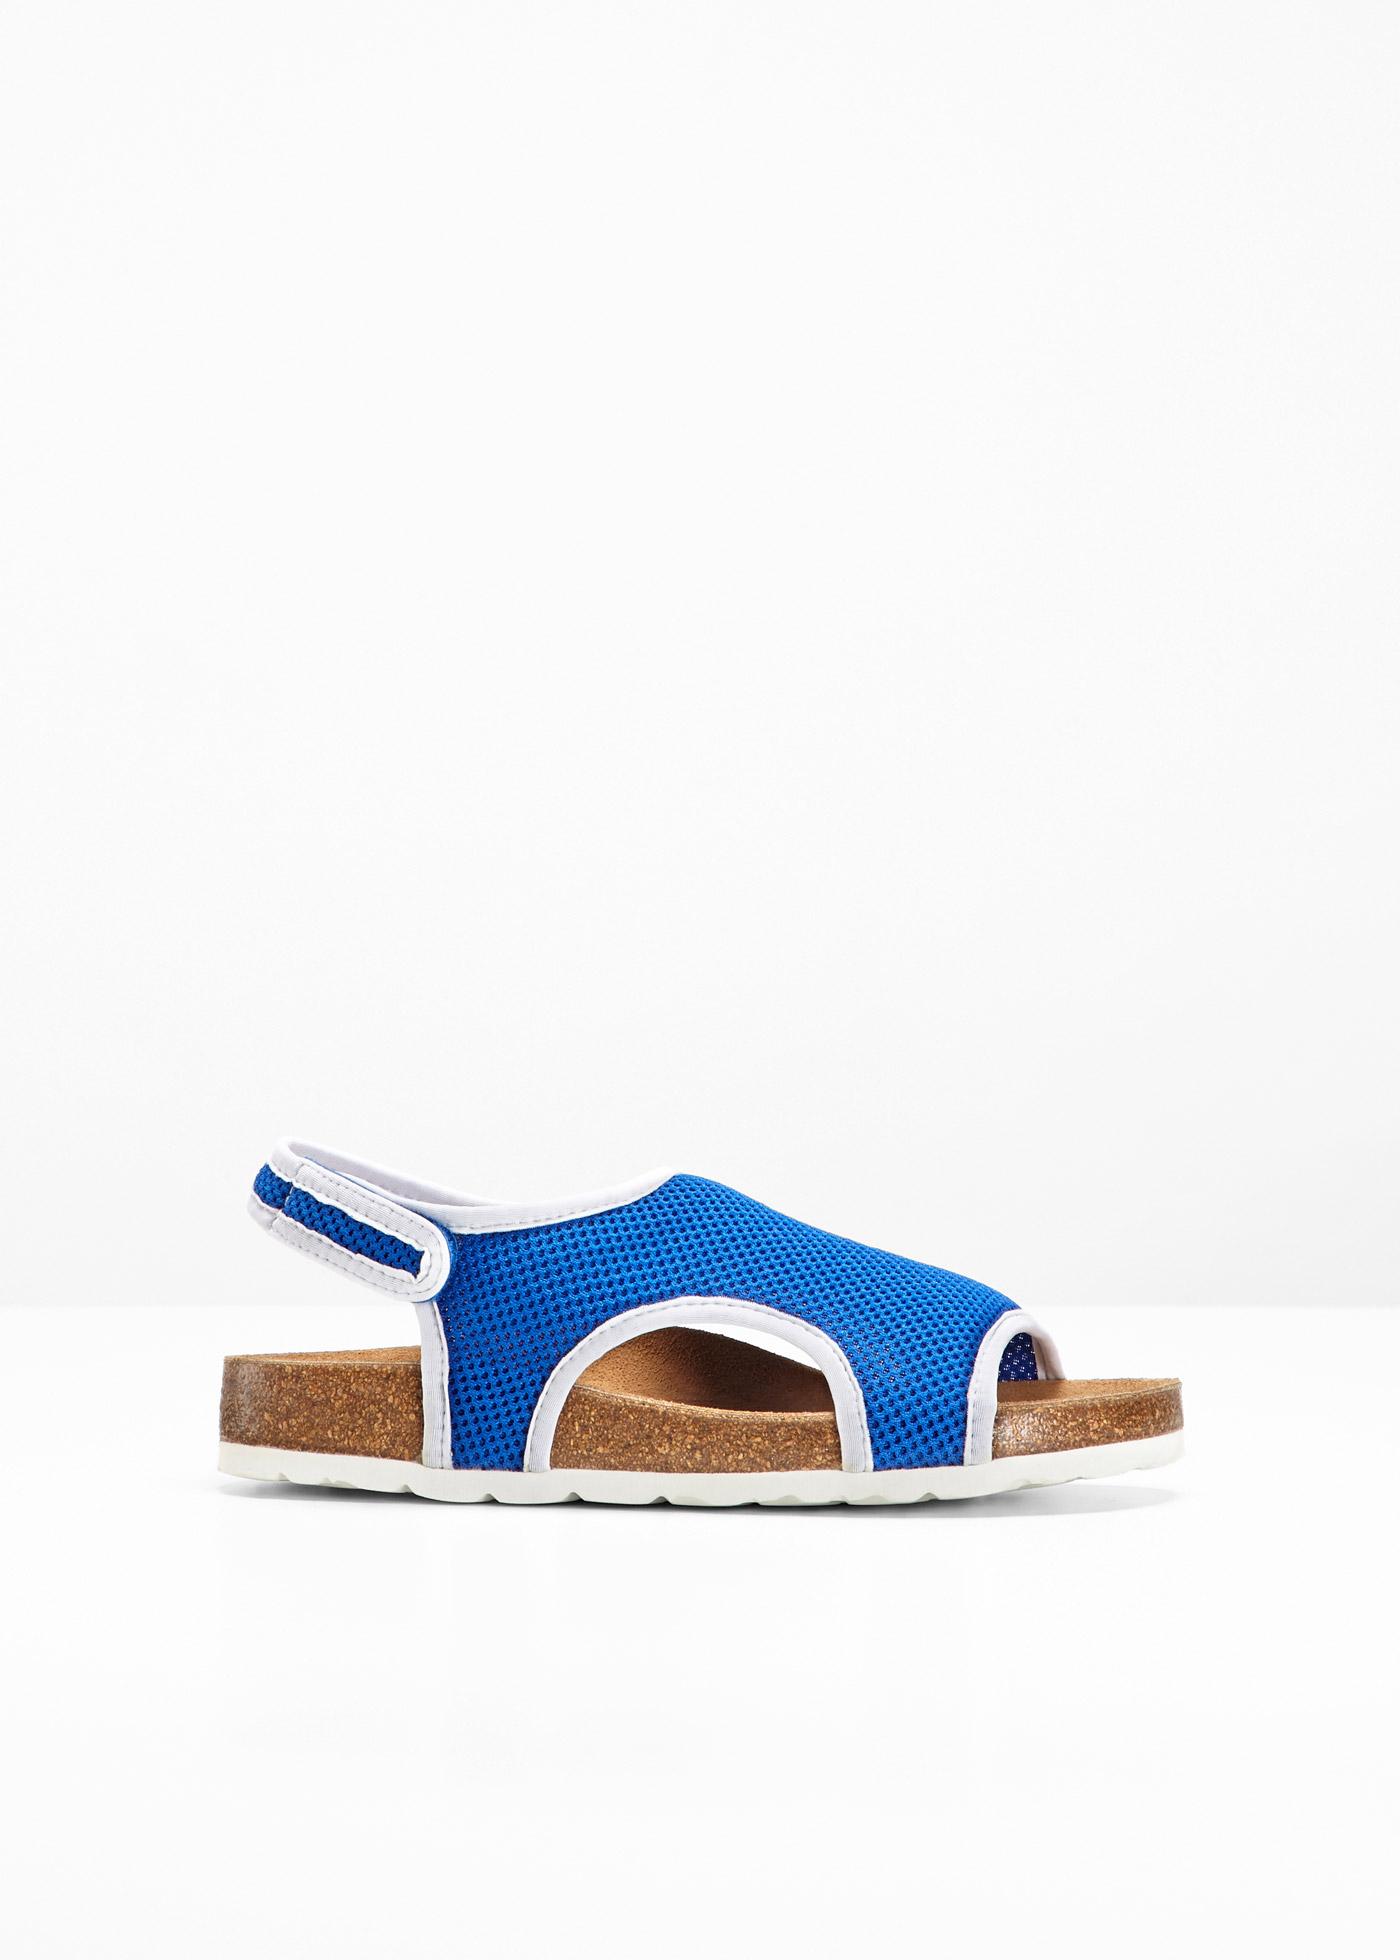 Bequeme Sandalen mit 0 cm Flach in blau von bonprix